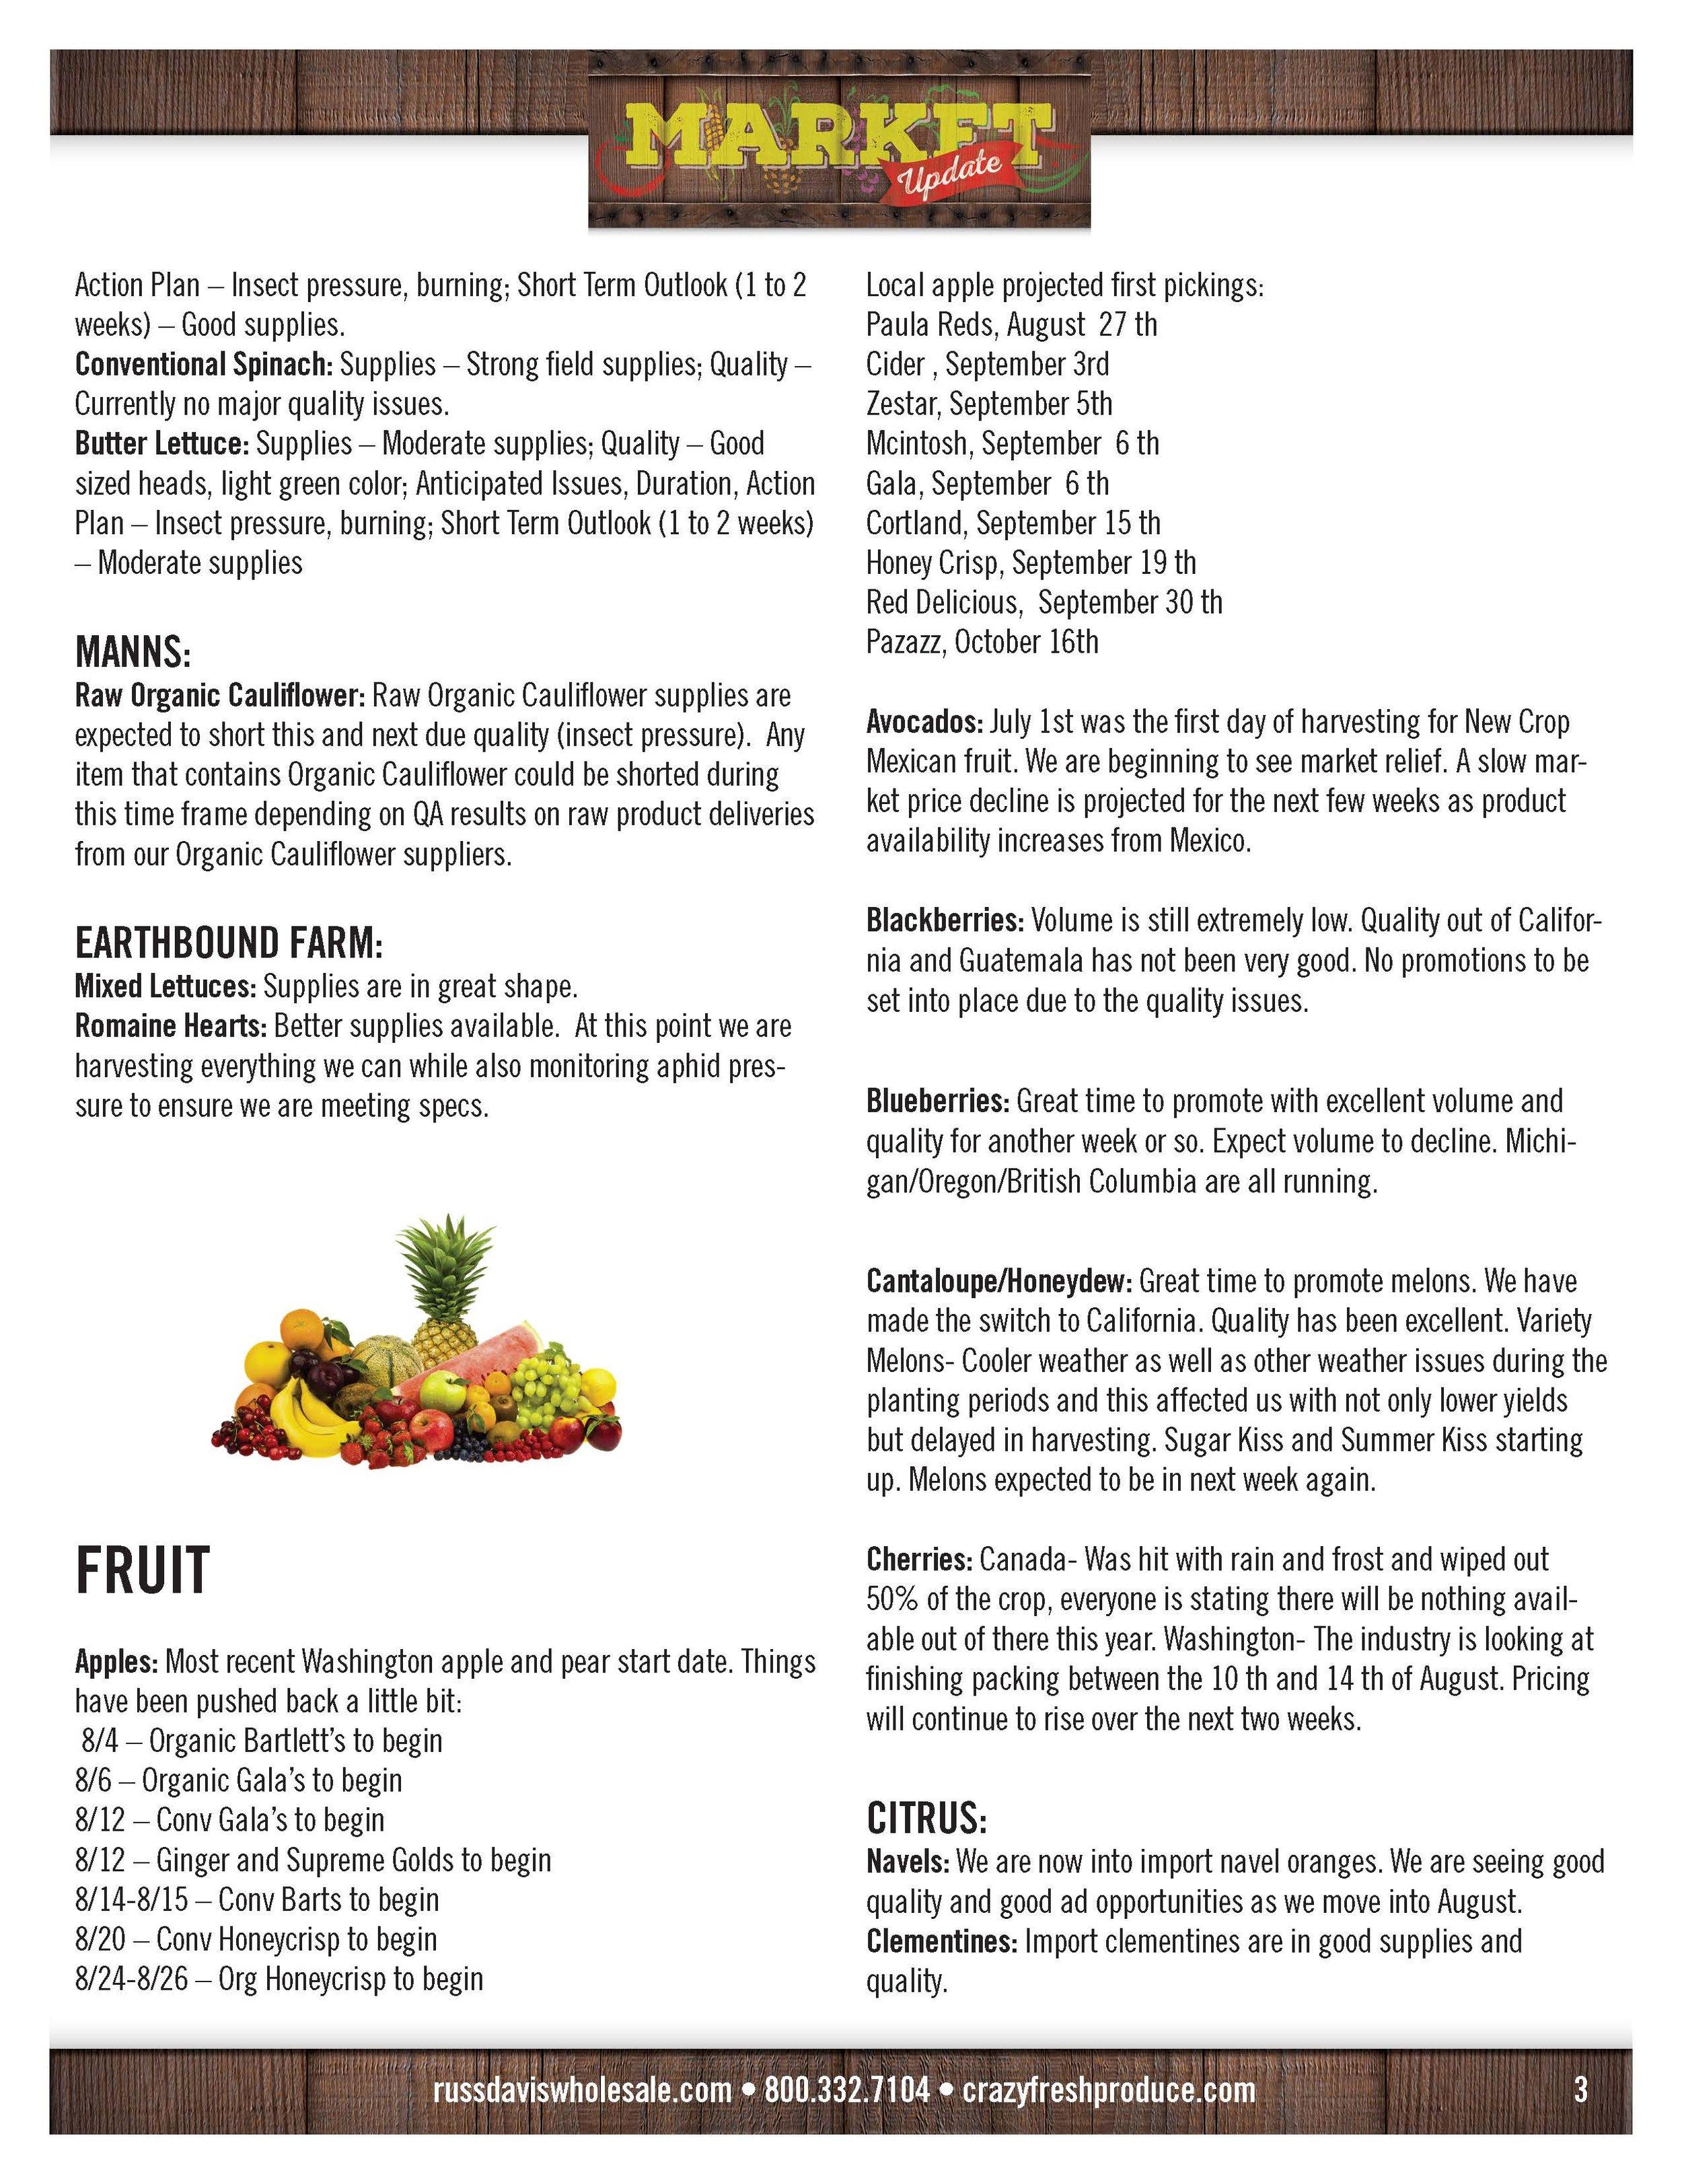 RDW_Market_Update_Aug1_19_Page_3.jpg